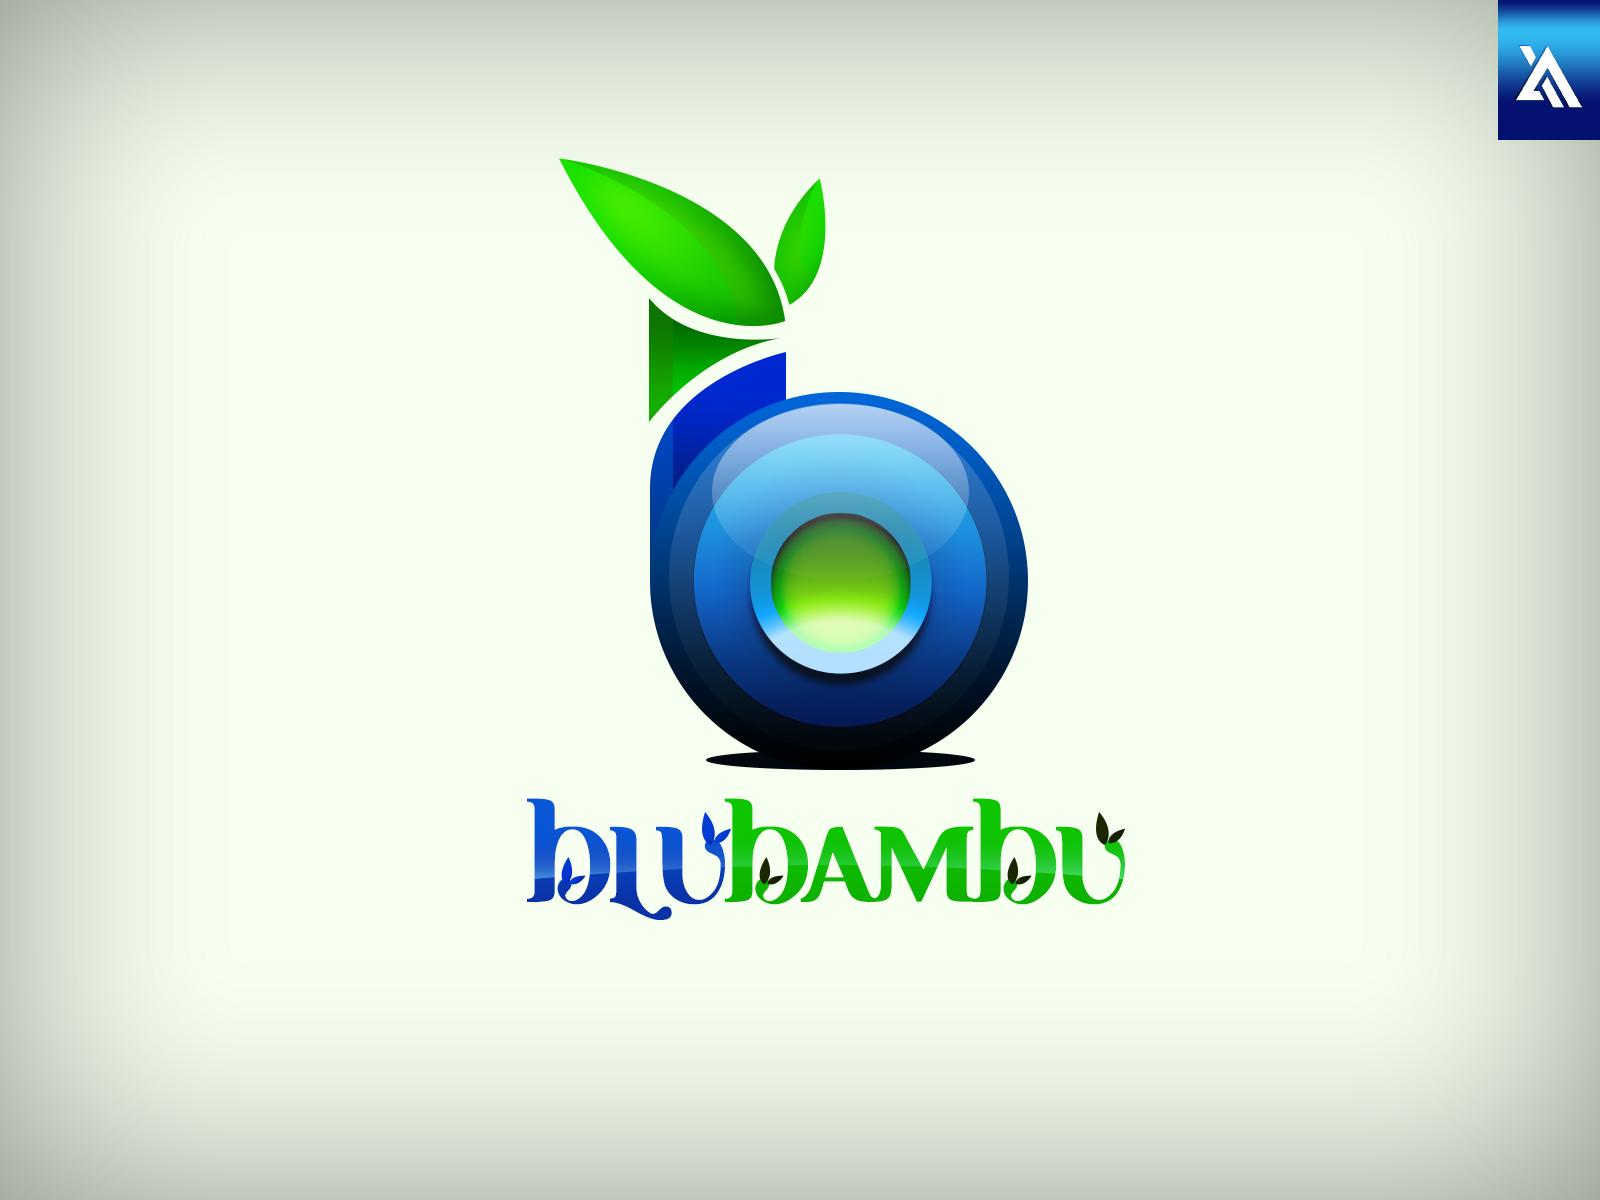 Logo Design by Virgilio Pineda III - Entry No. 86 in the Logo Design Contest New Logo Design for blubambu.